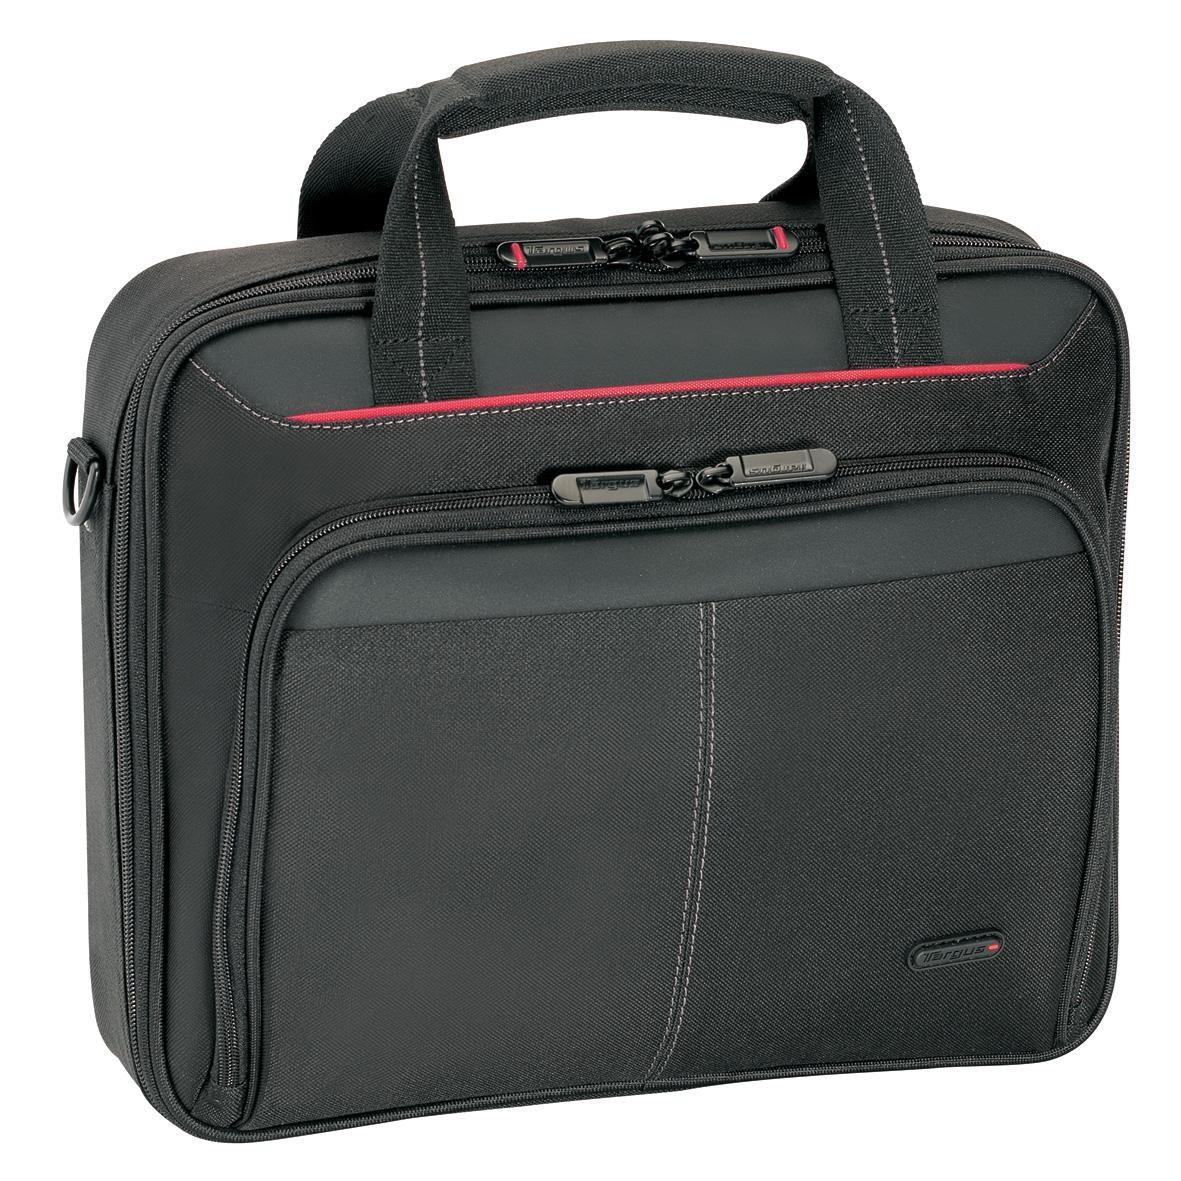 targus clamshell black nylon laptop case for 13 3 inch notebooks